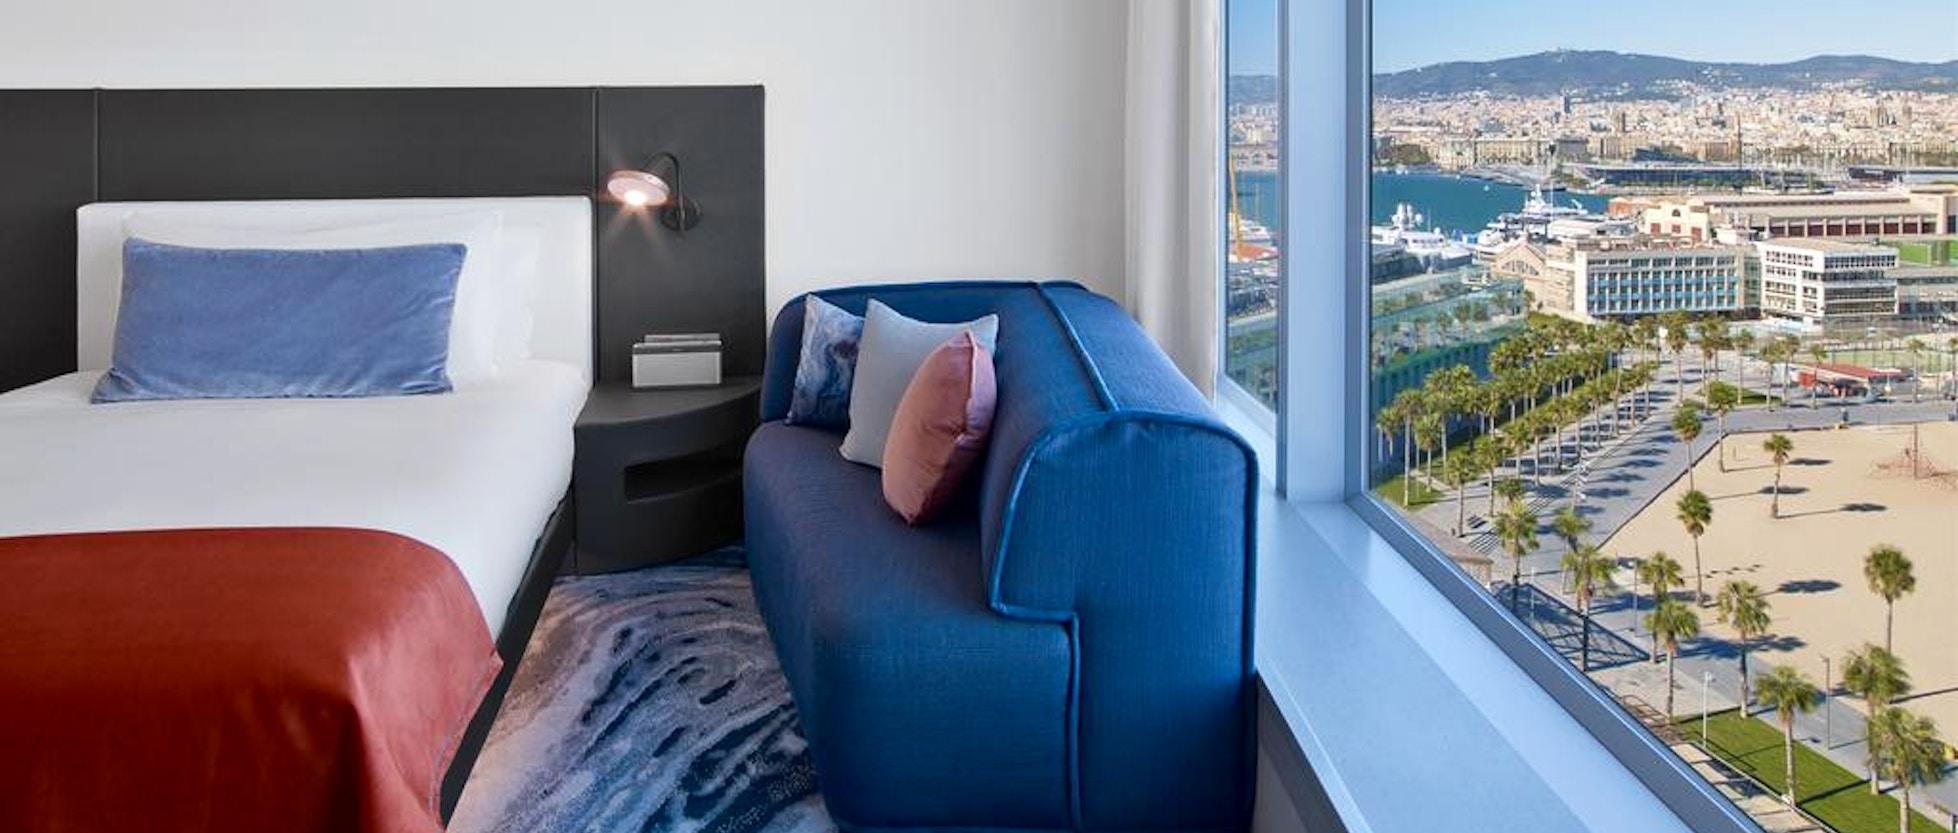 10 Hotel a Barcellona sul mare: Dormire a Fòrum e Barceloneta